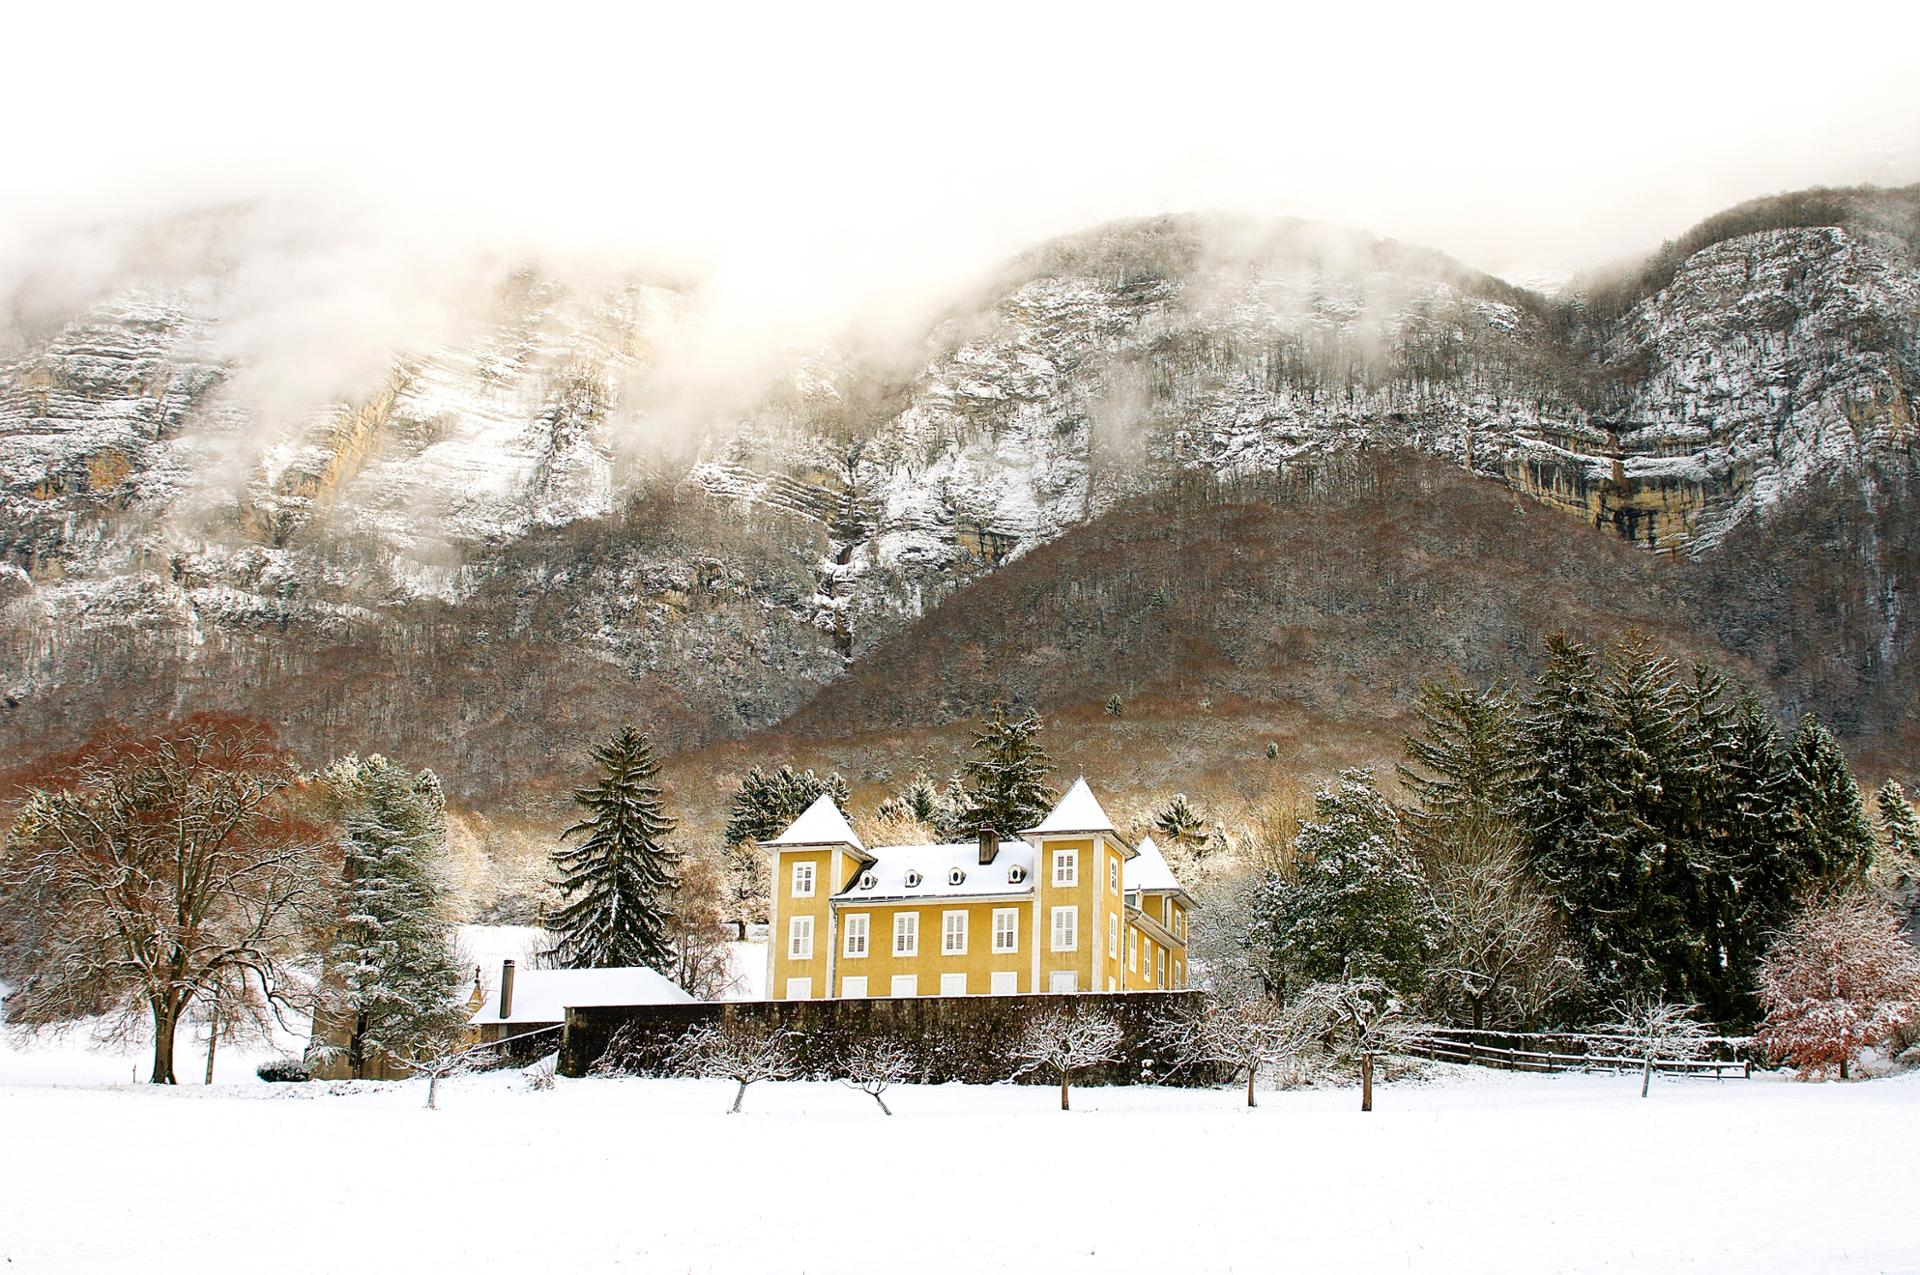 Le Chateau de ma Mère (enneigé)